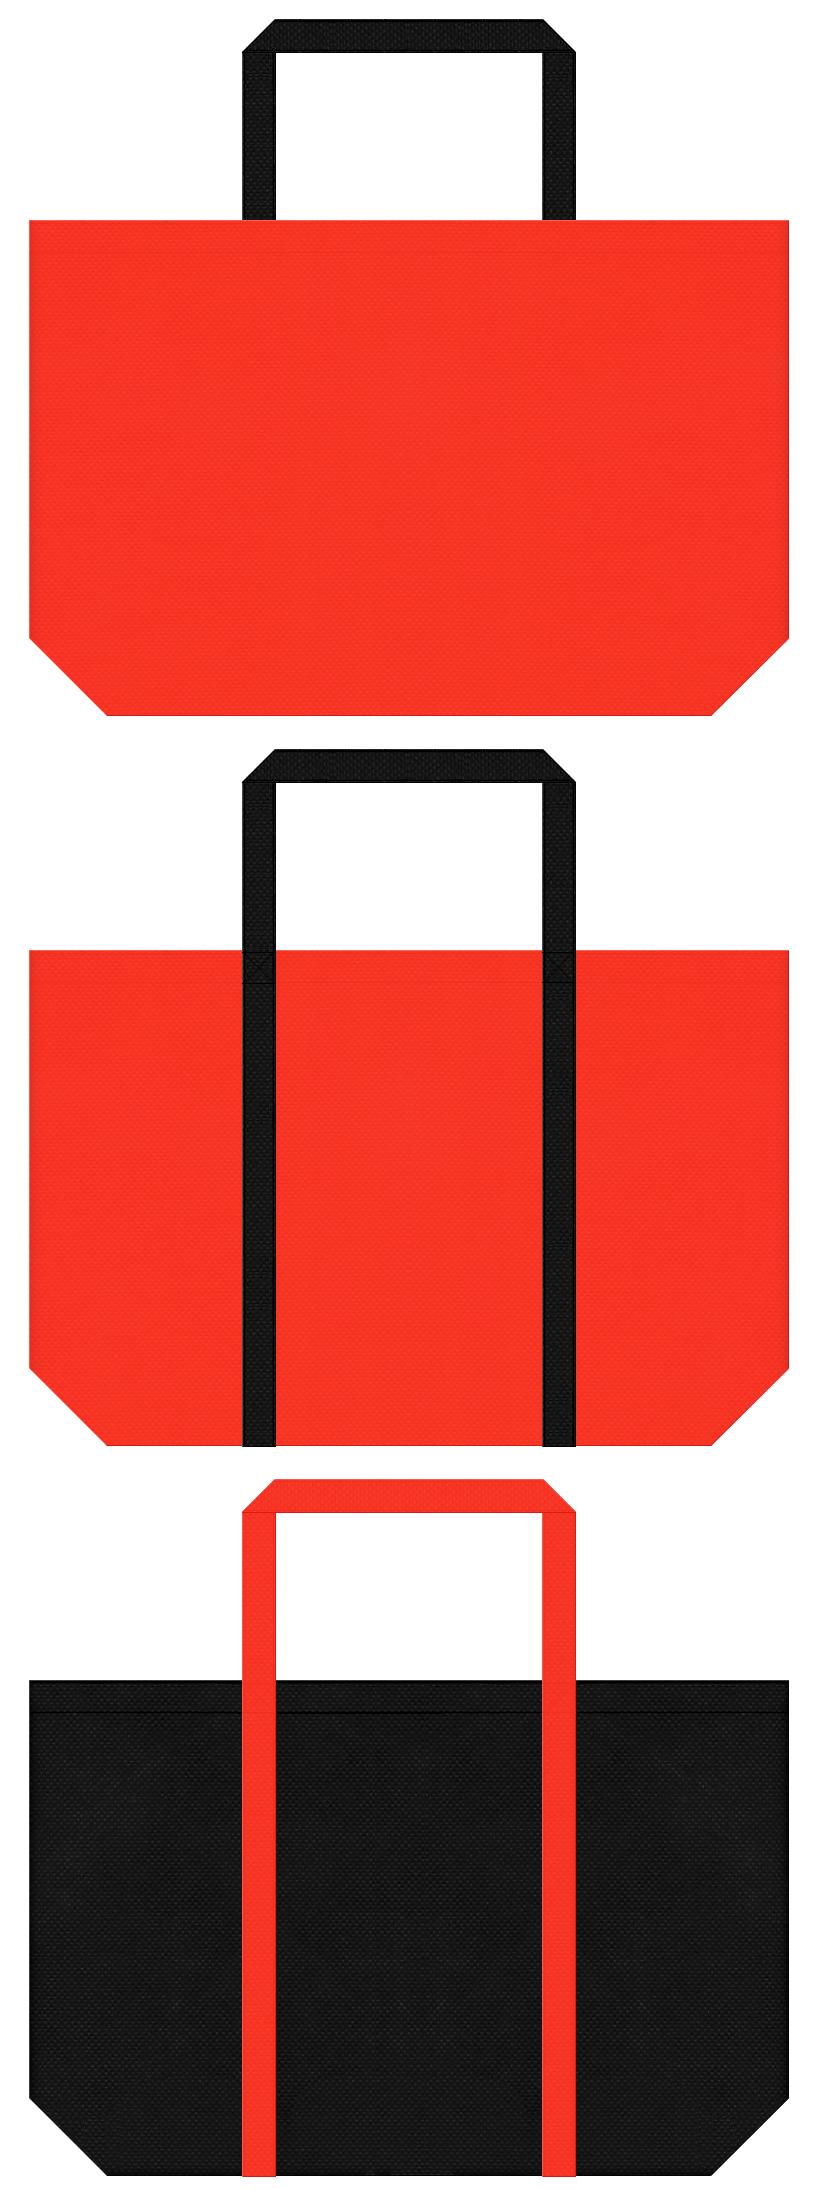 ハロウィン・アリーナ・レスキュー・作業服・ユニフォーム・スポーツイベント・スポーティーファッション・スポーツバッグにお奨めの不織布バッグデザイン:オレンジ色と黒色のコーデ